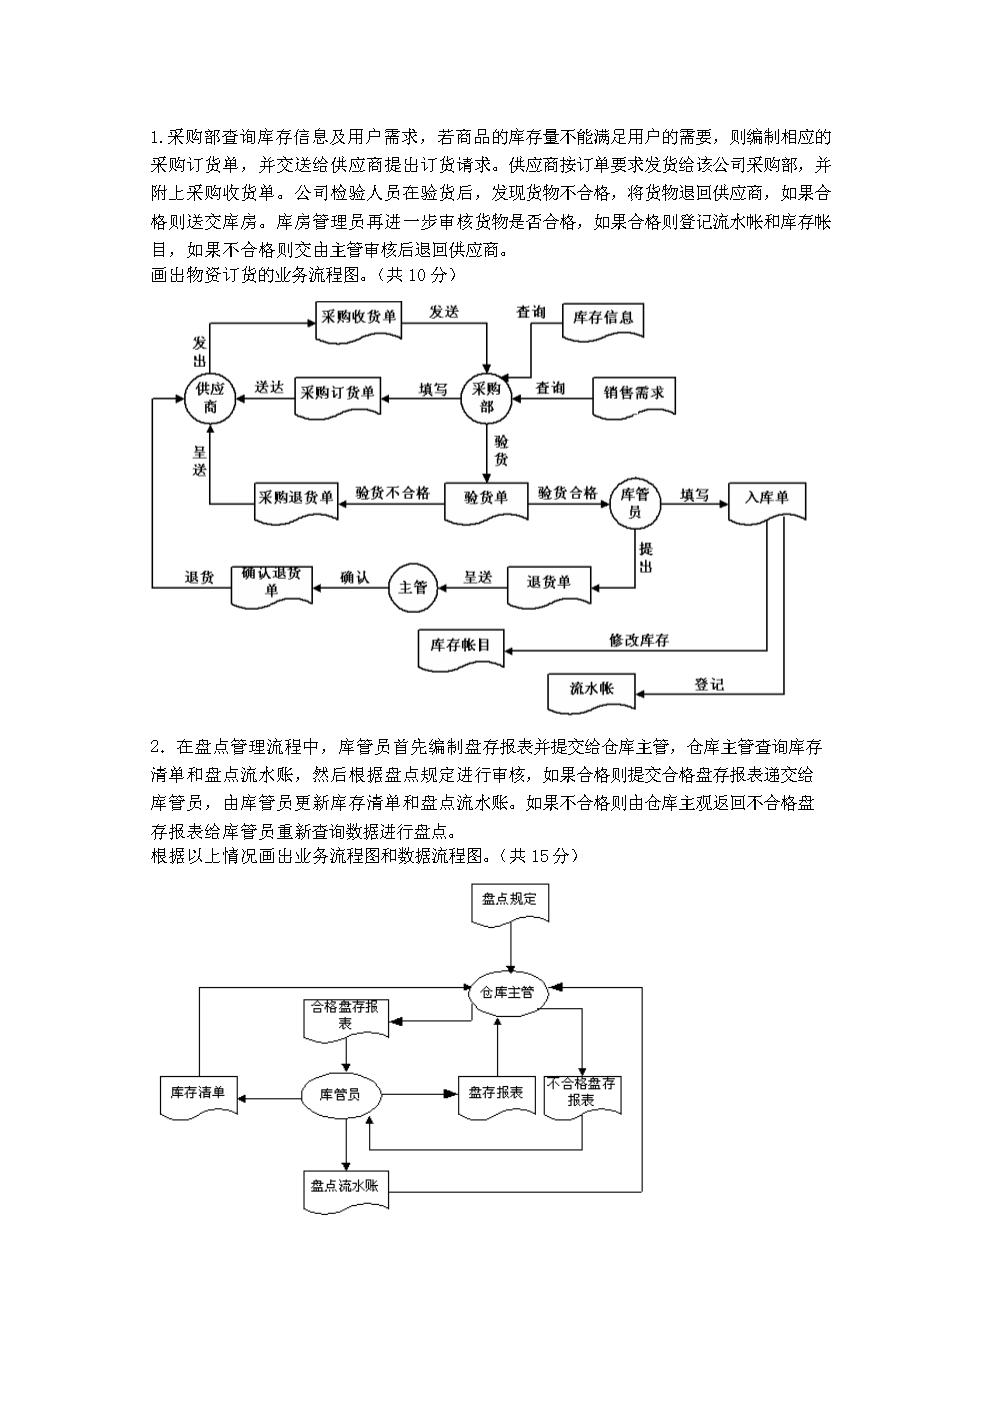 管理信息系统数据流程图和业务流程图.doc